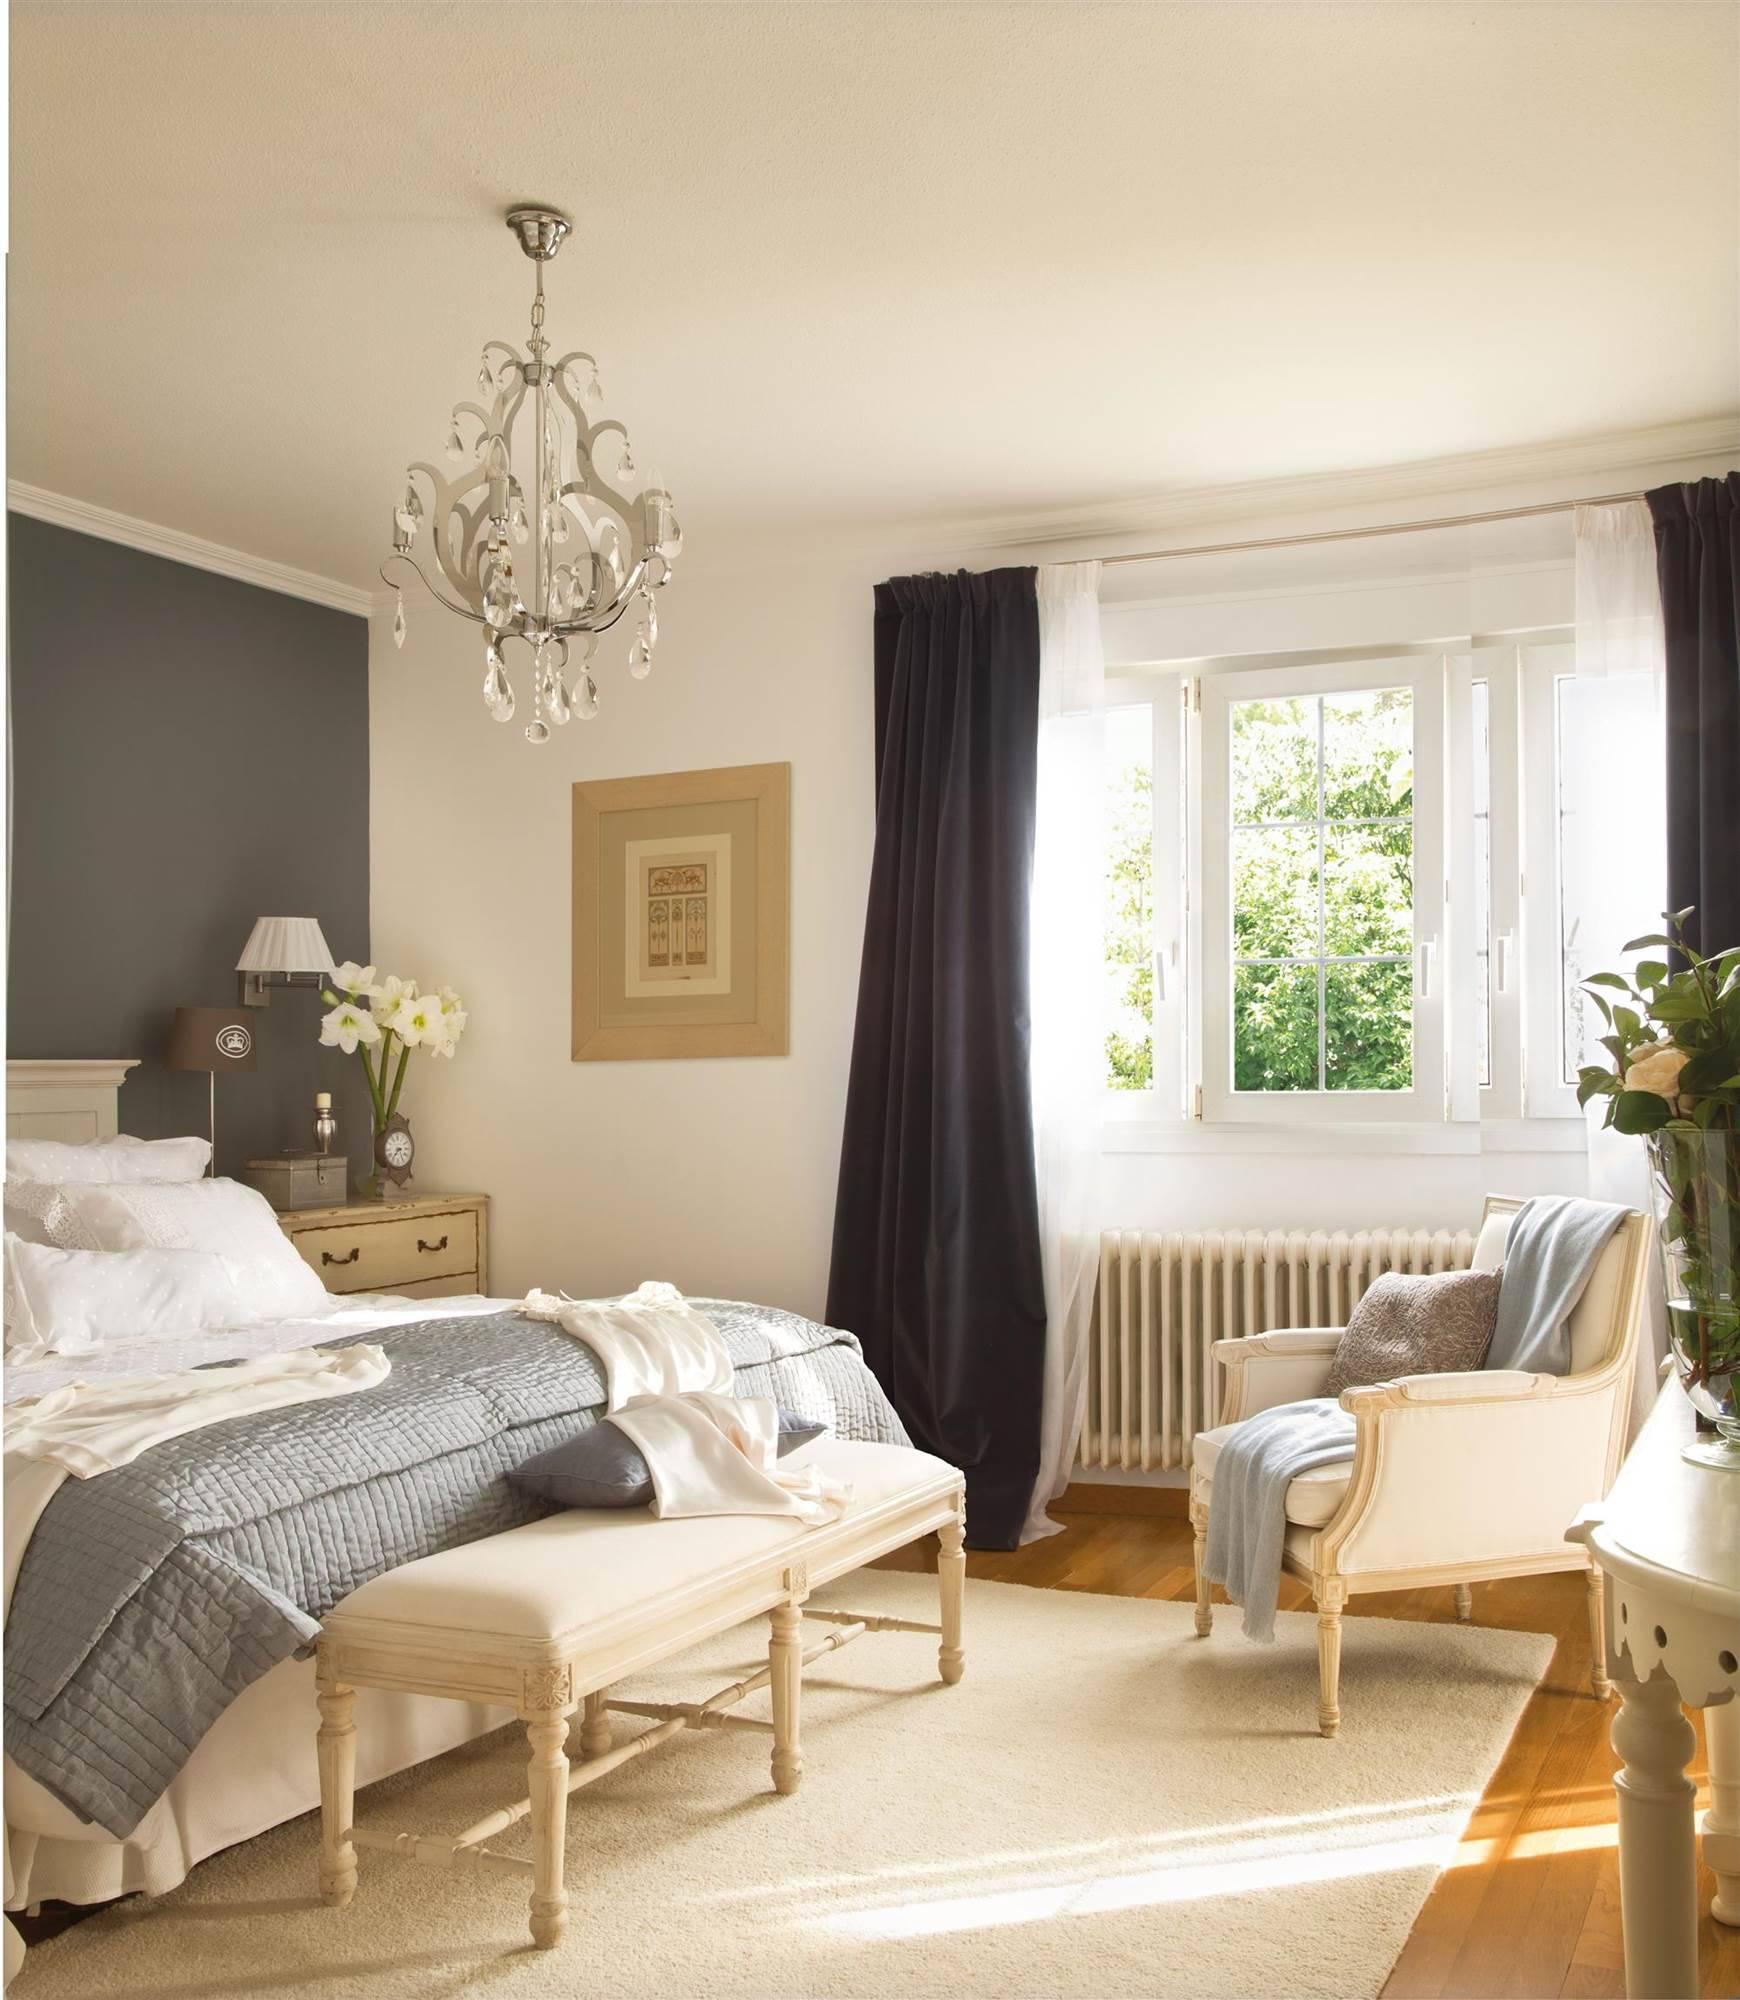 dormitorio-con-una-pared-pintada-de-oscuro-y-una-lampara-de-estilo-barroco 7f9fba59 1740x2000. Un tándem romántico